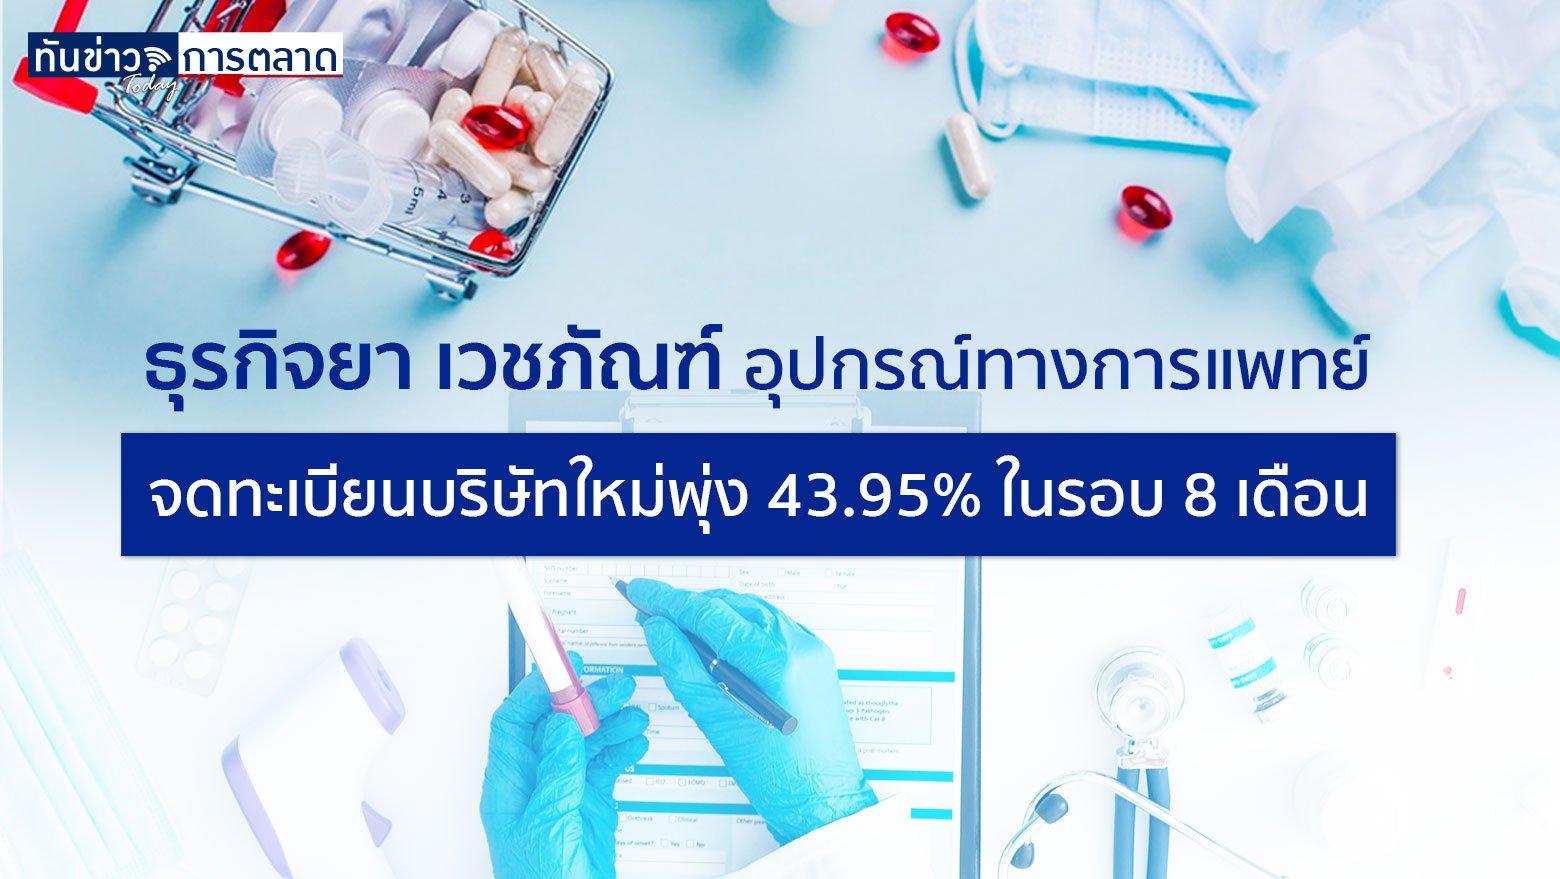 กรมพัฒนาธุรกิจการค้าเผย 8 เดือนยอดจดทะเบียนธุรกิจยา เวชภัณฑ์และอุปกรณ์ทางการแพทย์ พุ่ง 43.95% ได้อานิสงค์จากโควิด